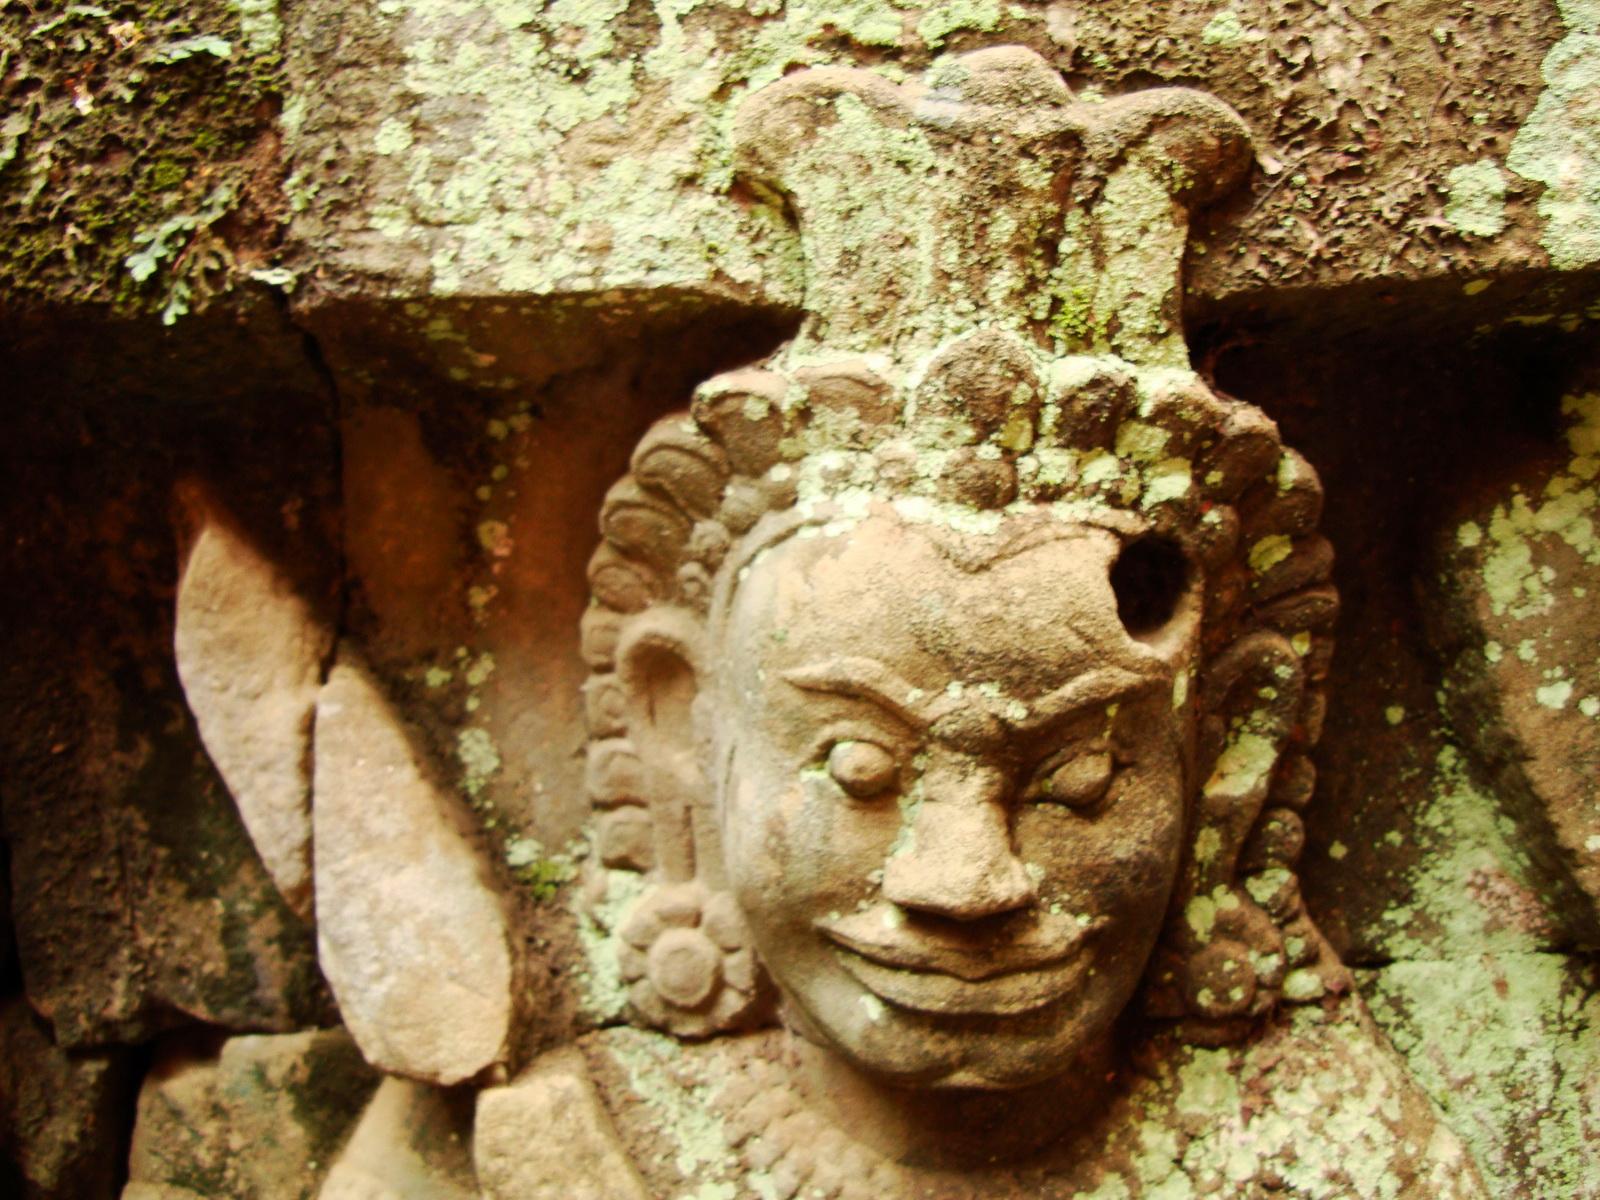 Leper King Terrace hidden wall underworld Nagas and deities 141